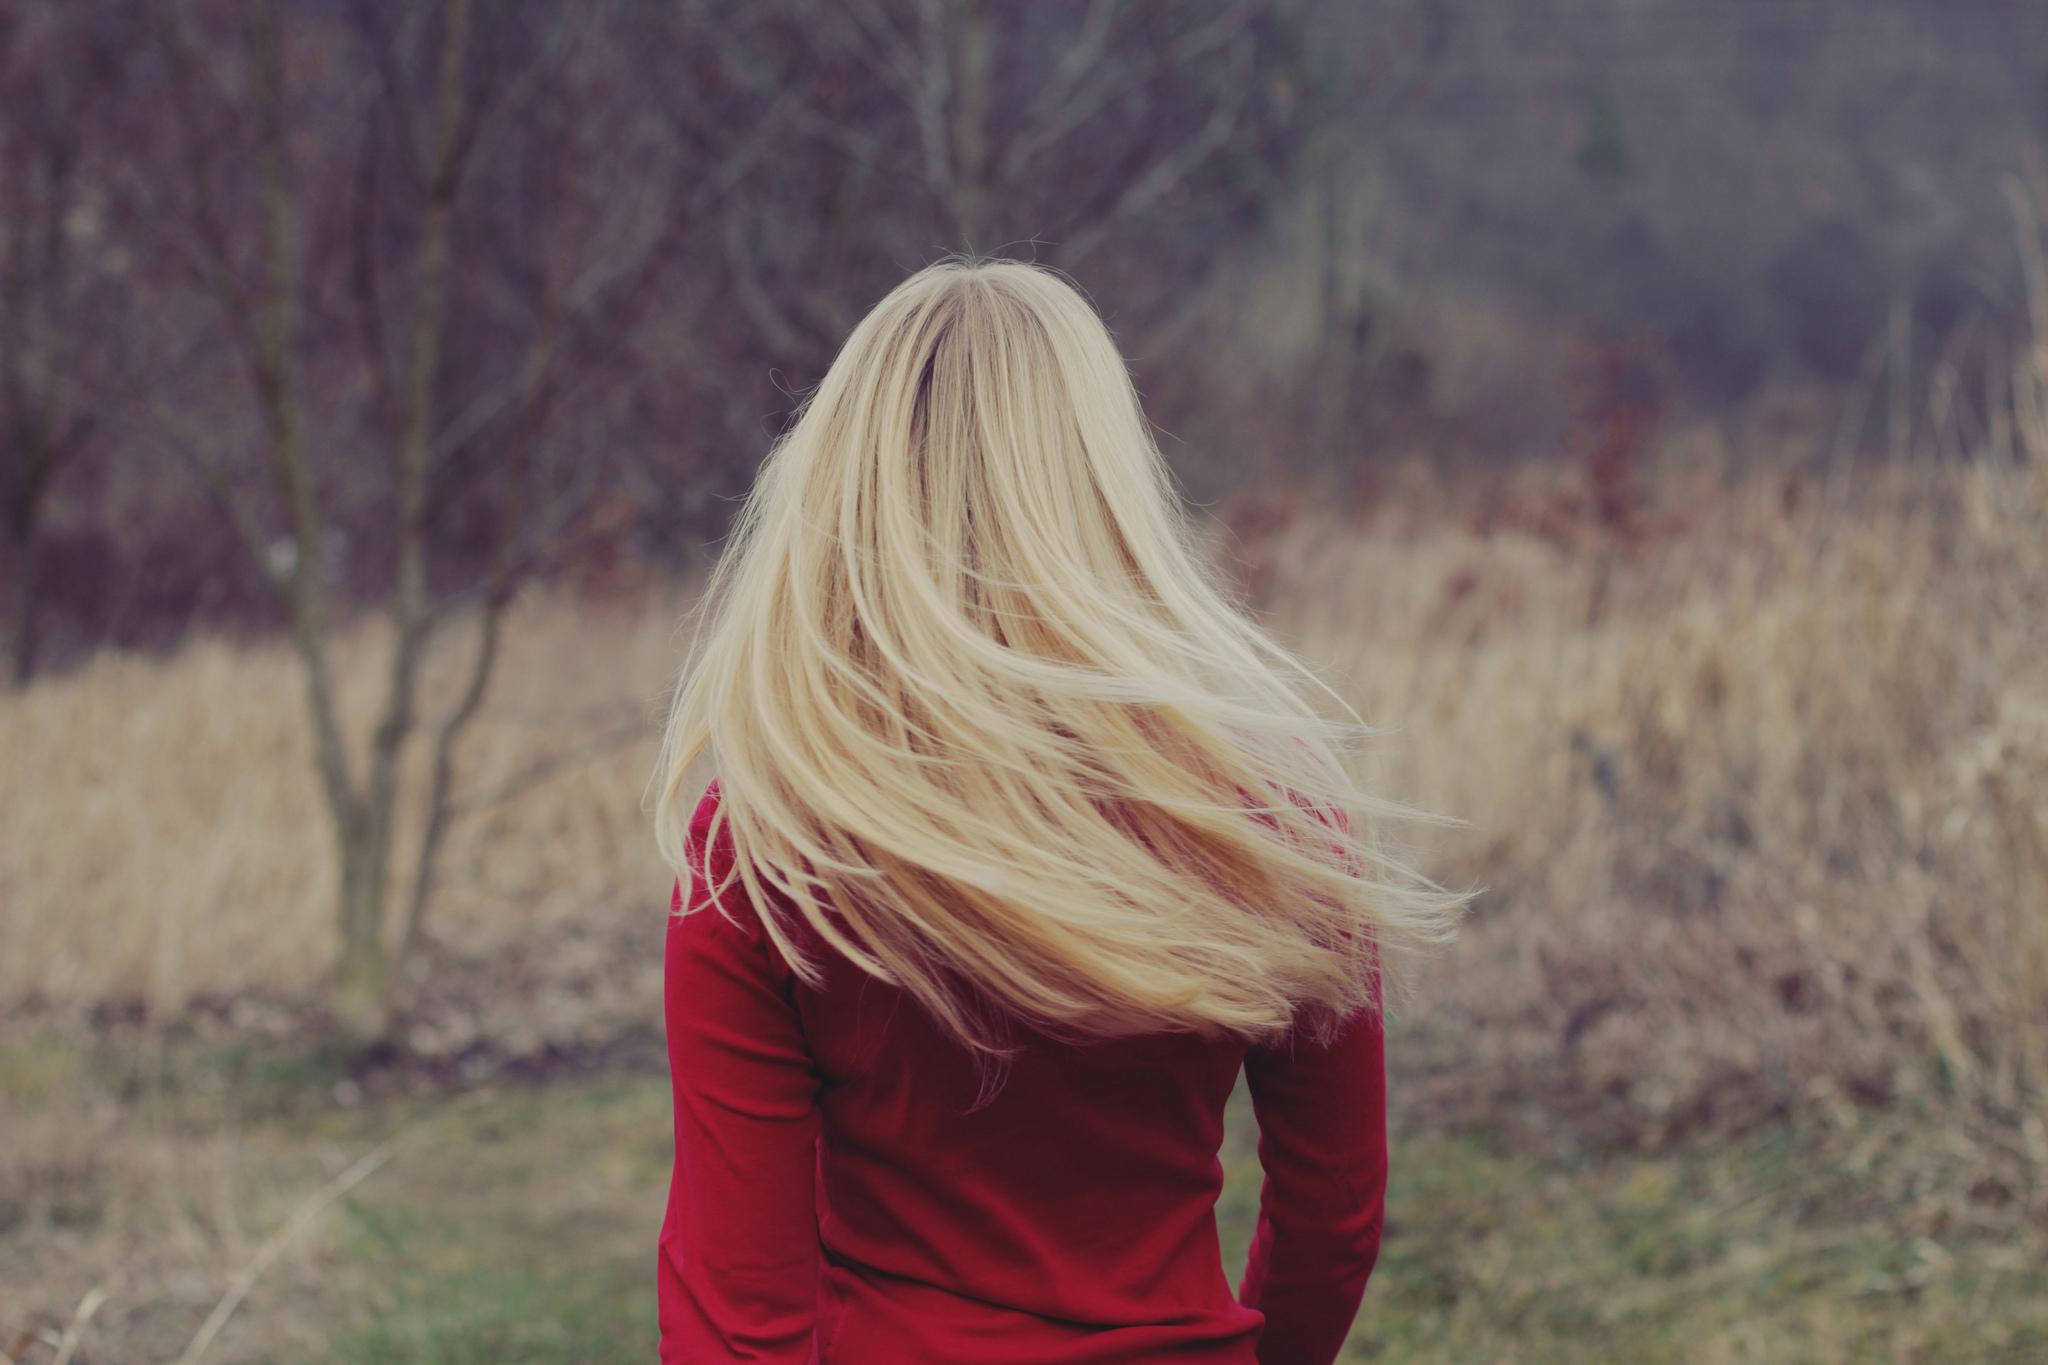 Фото девушек сзади без лица, Фото аккаунты Clash Royale ВКонтакте 20 фотография